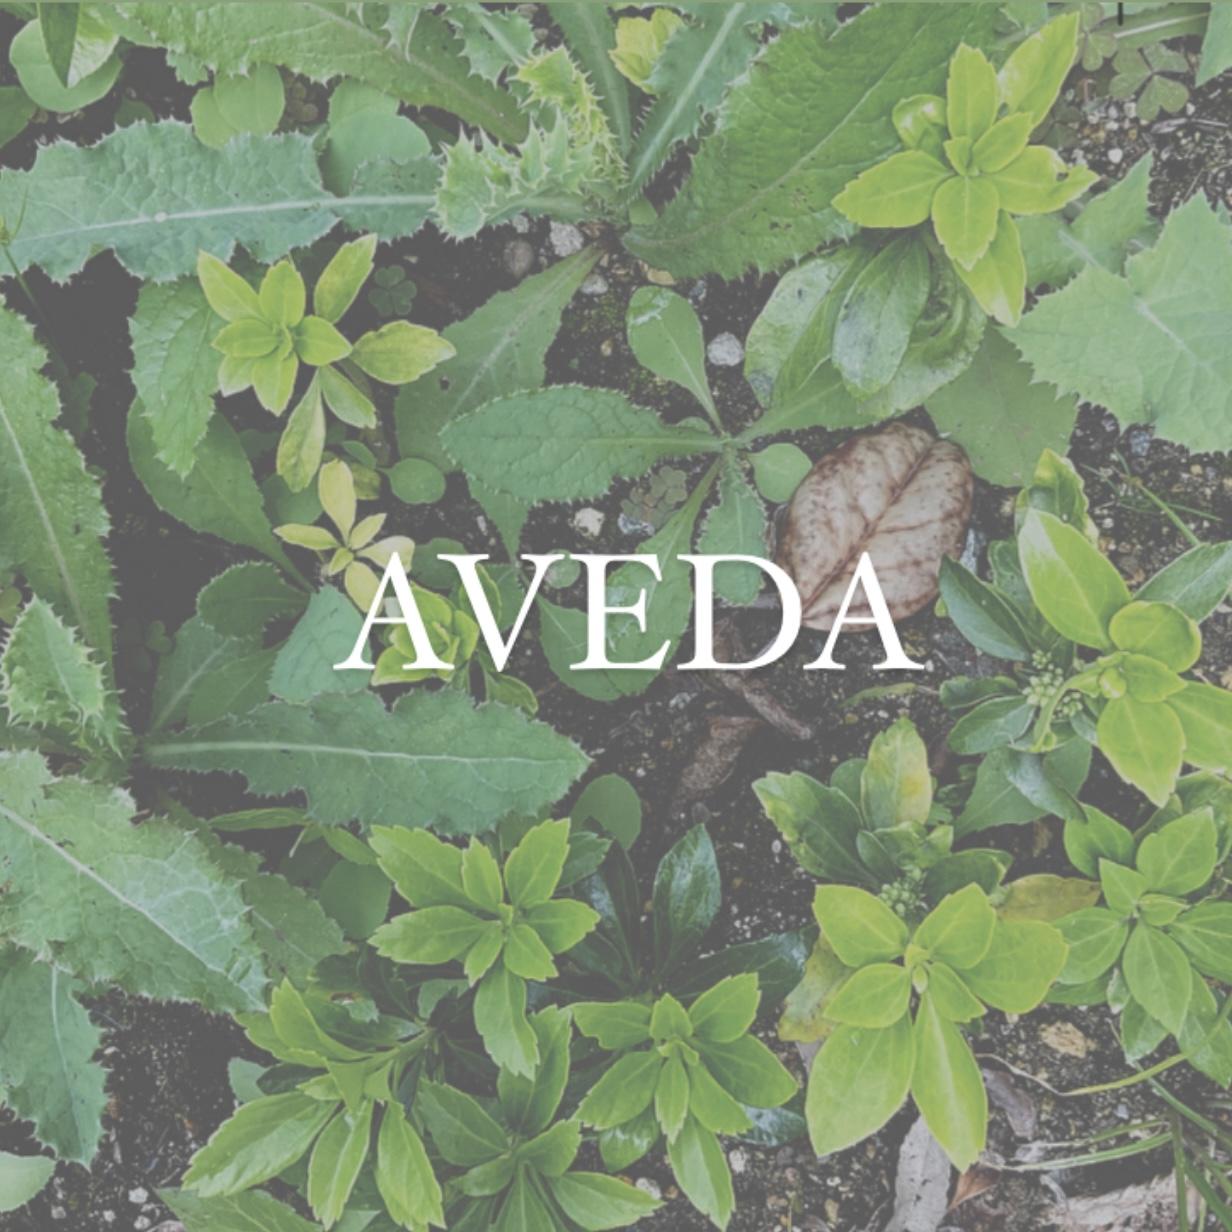 AVEDAとは…